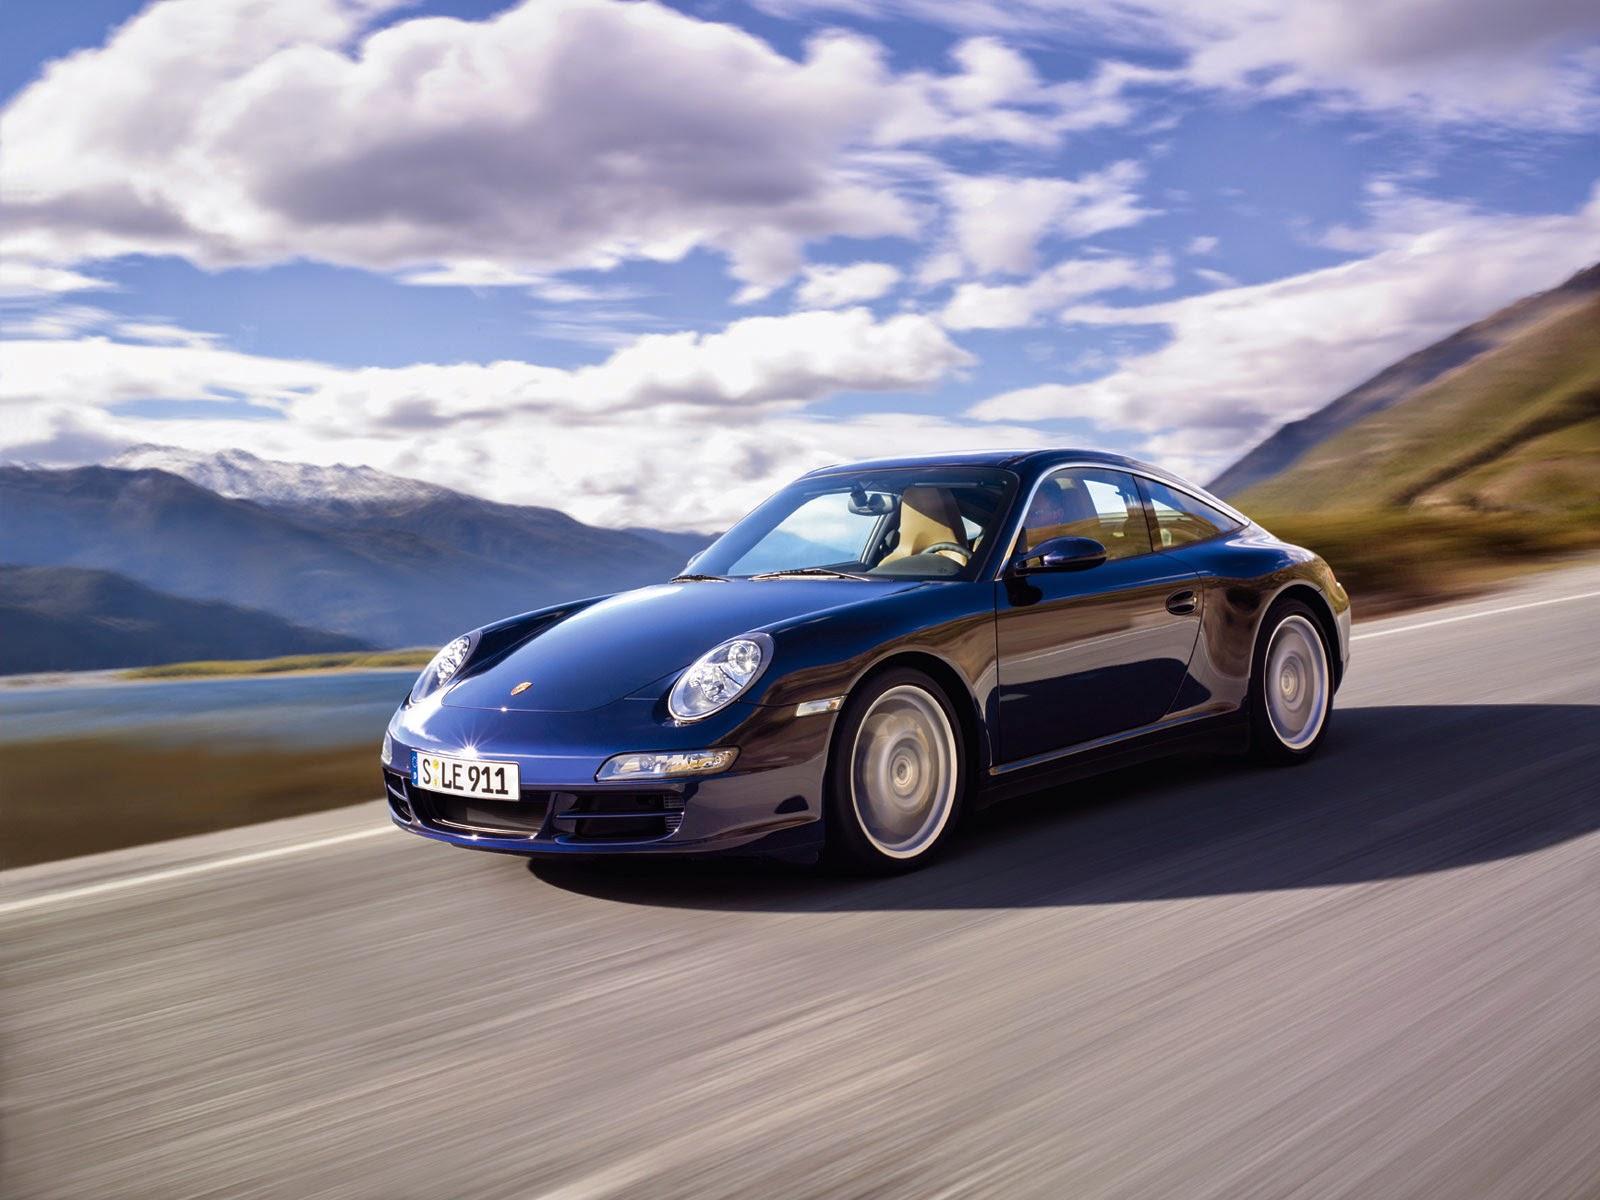 Porsche Targa - Edition 997